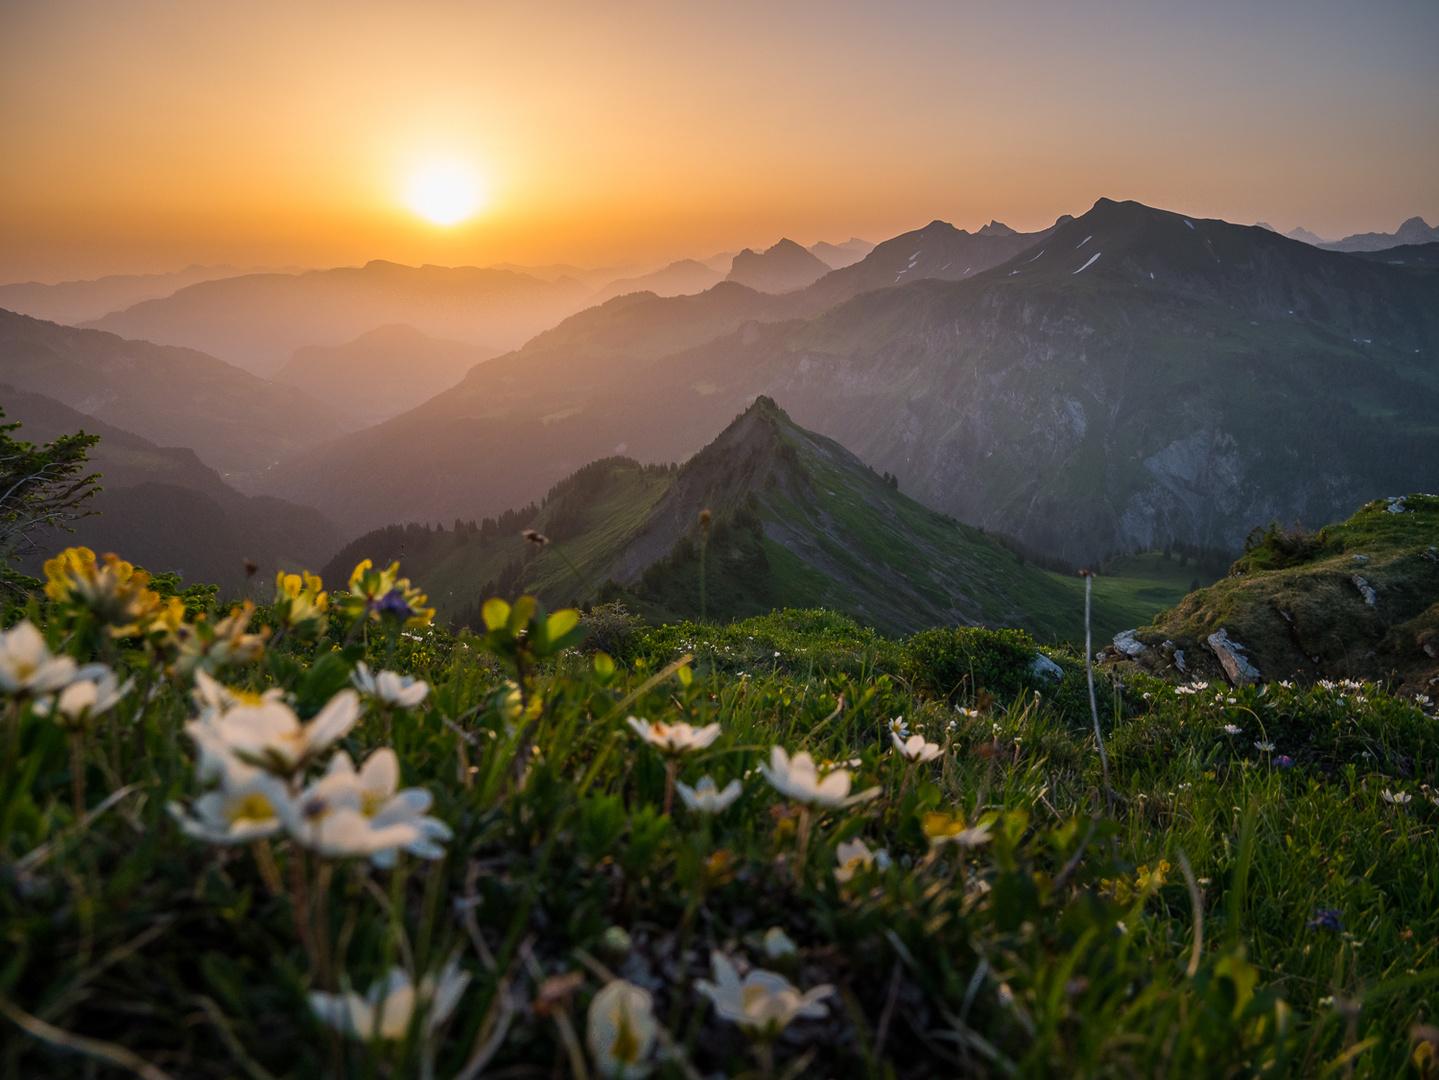 Alpenromantik 1